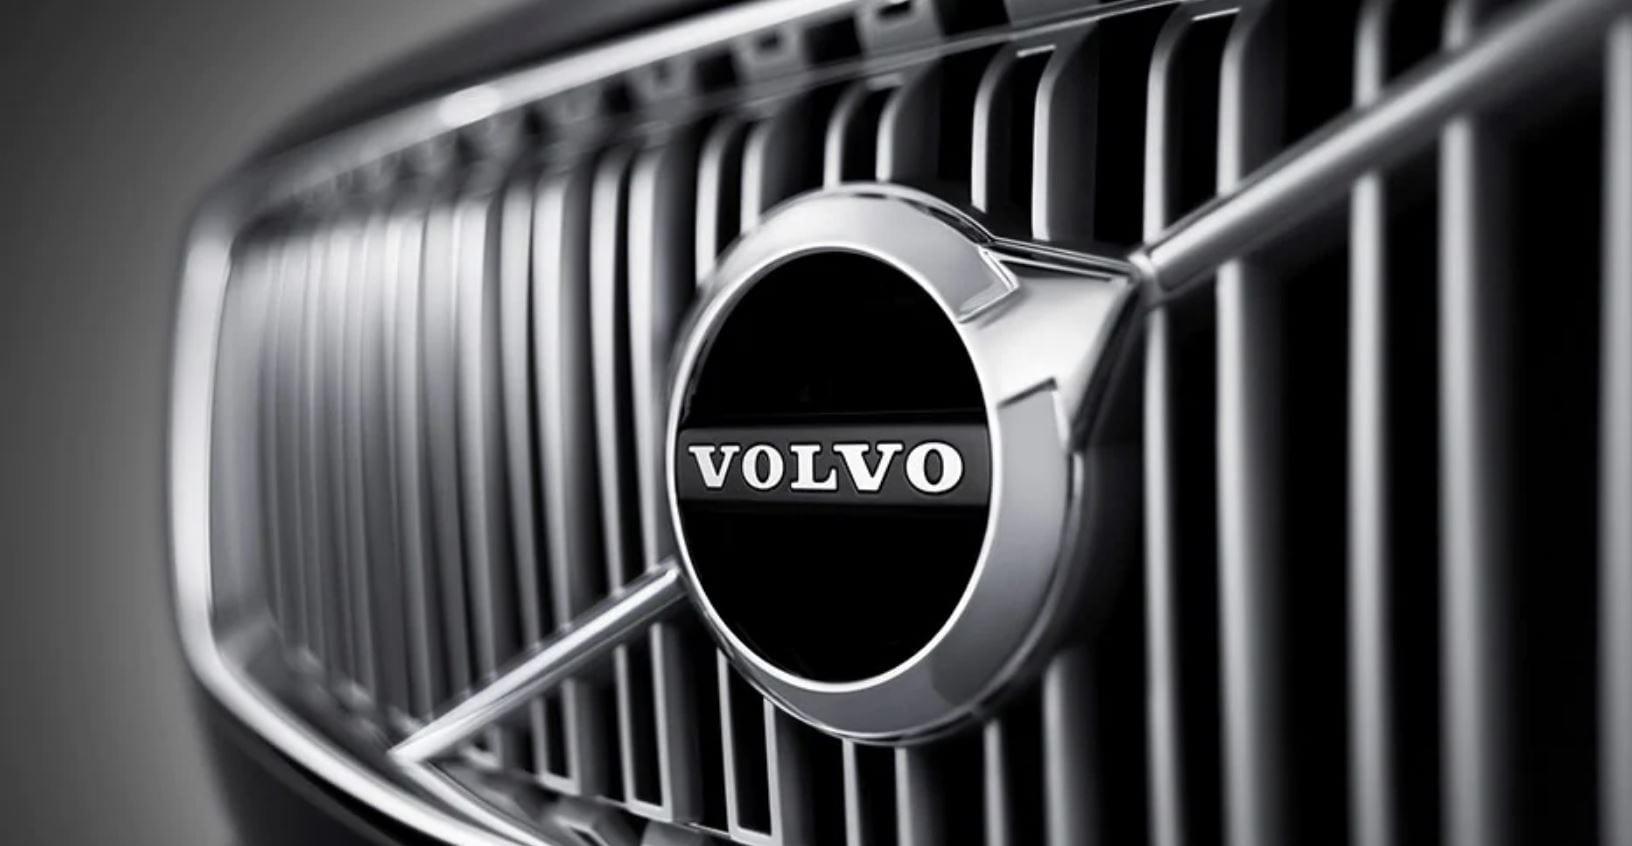 Volvo dice addio a benzina e diesel: solo auto elettriche dal 2030